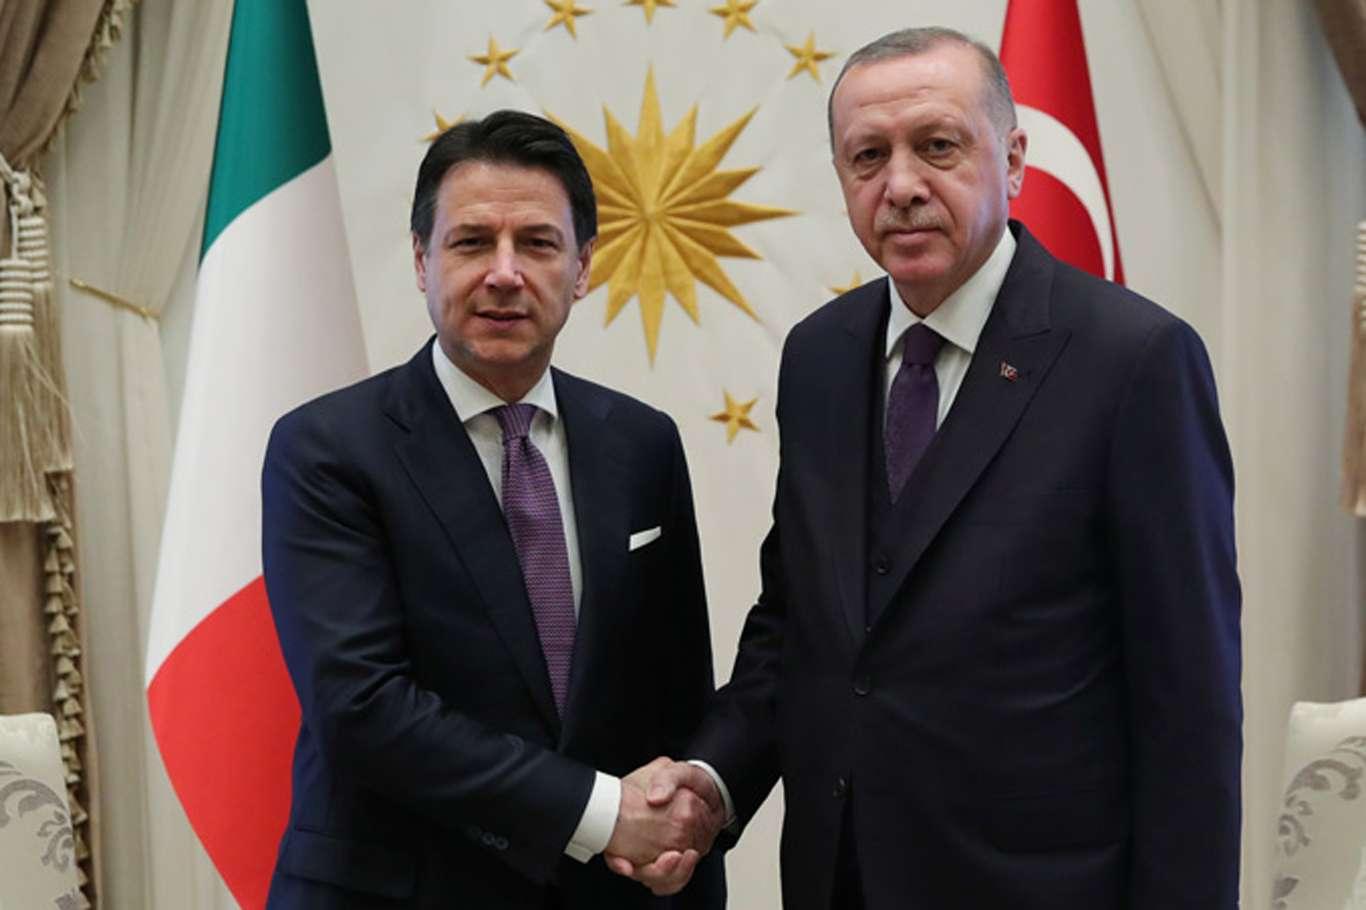 Başkan Erdoğan, İtalya Başbakanı Giuseppe Conte İle Telefonda Görüştü